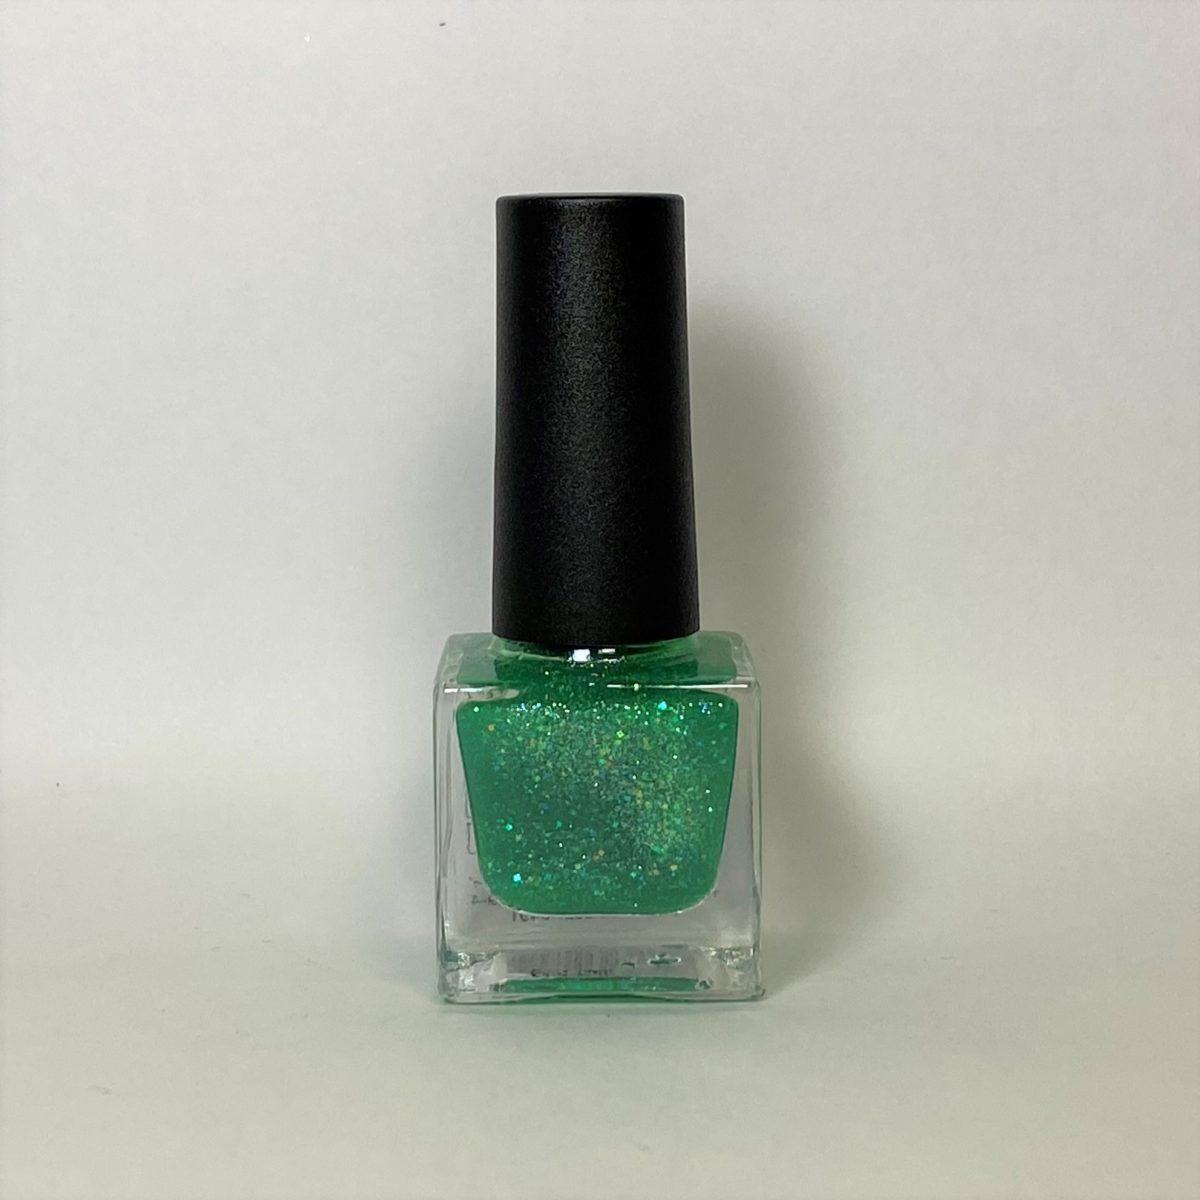 ネイルポリッシュ G13 Green